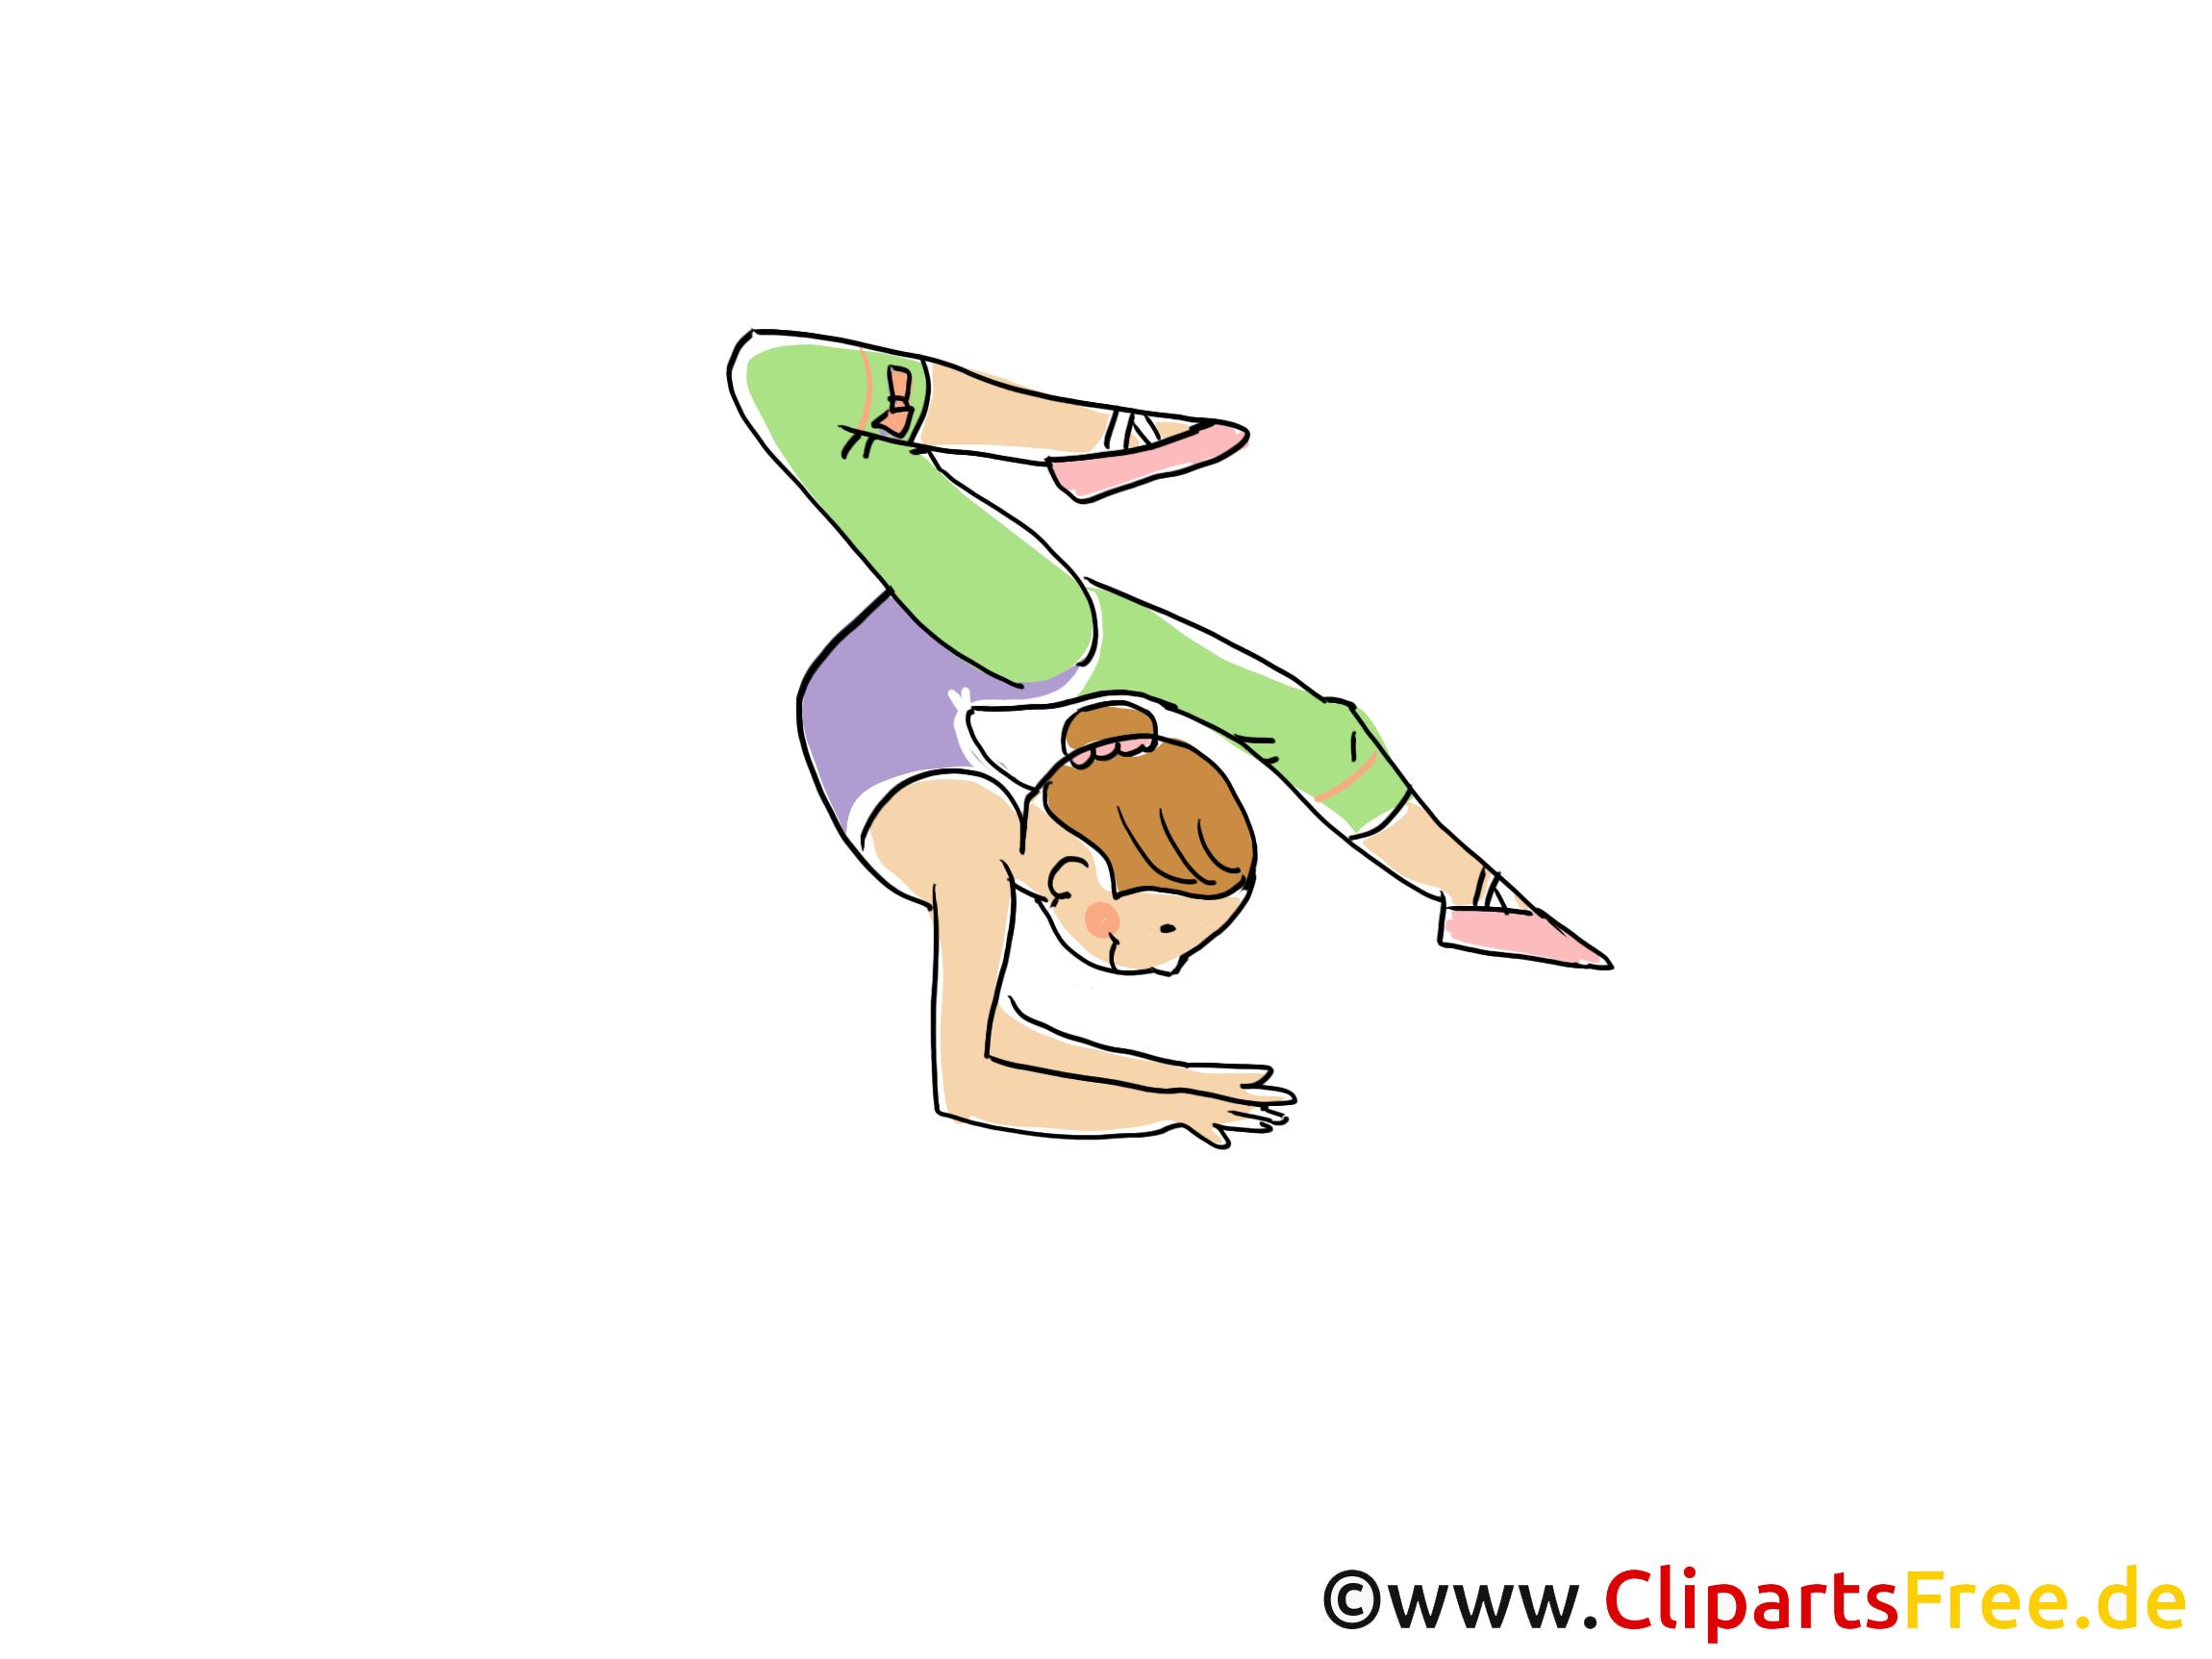 Afbeelding van de gymnast, Sport Cliparts, Strip, Cartoon, Afbeelding gratis